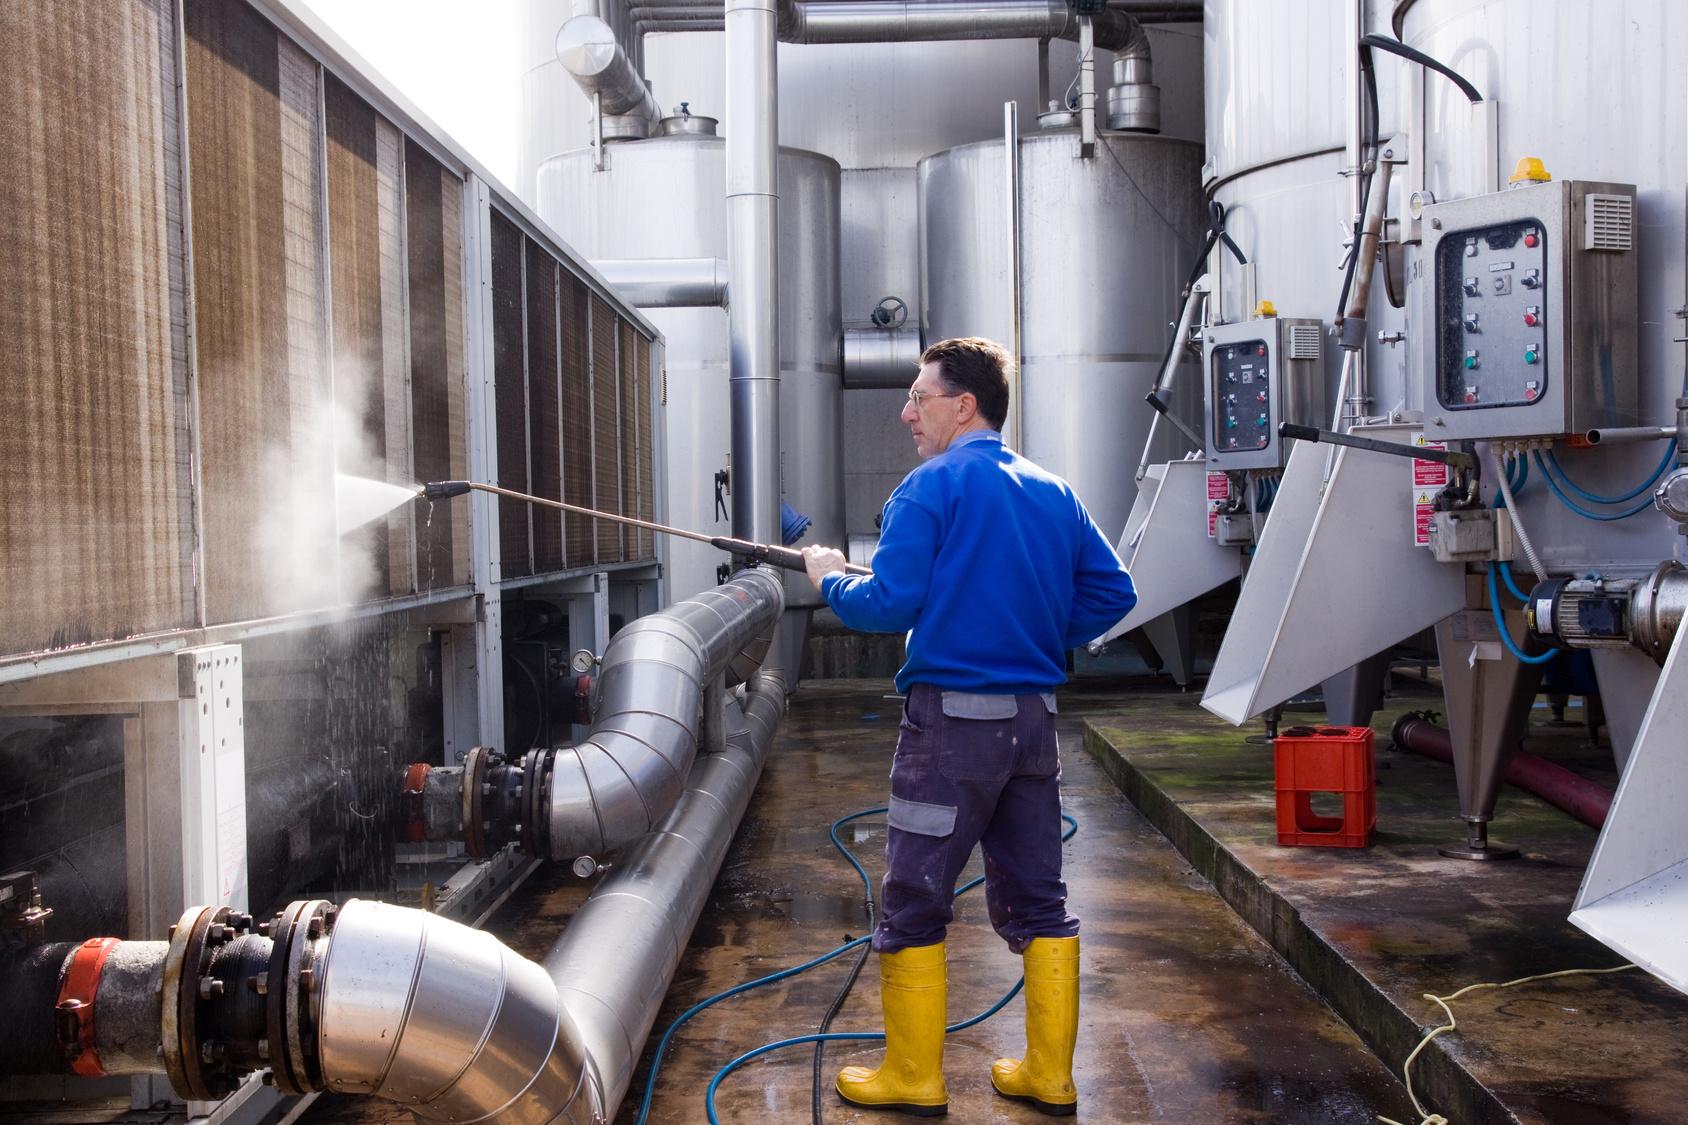 Дезинфекция вентиляции и оборудование для чистки воздуховодов